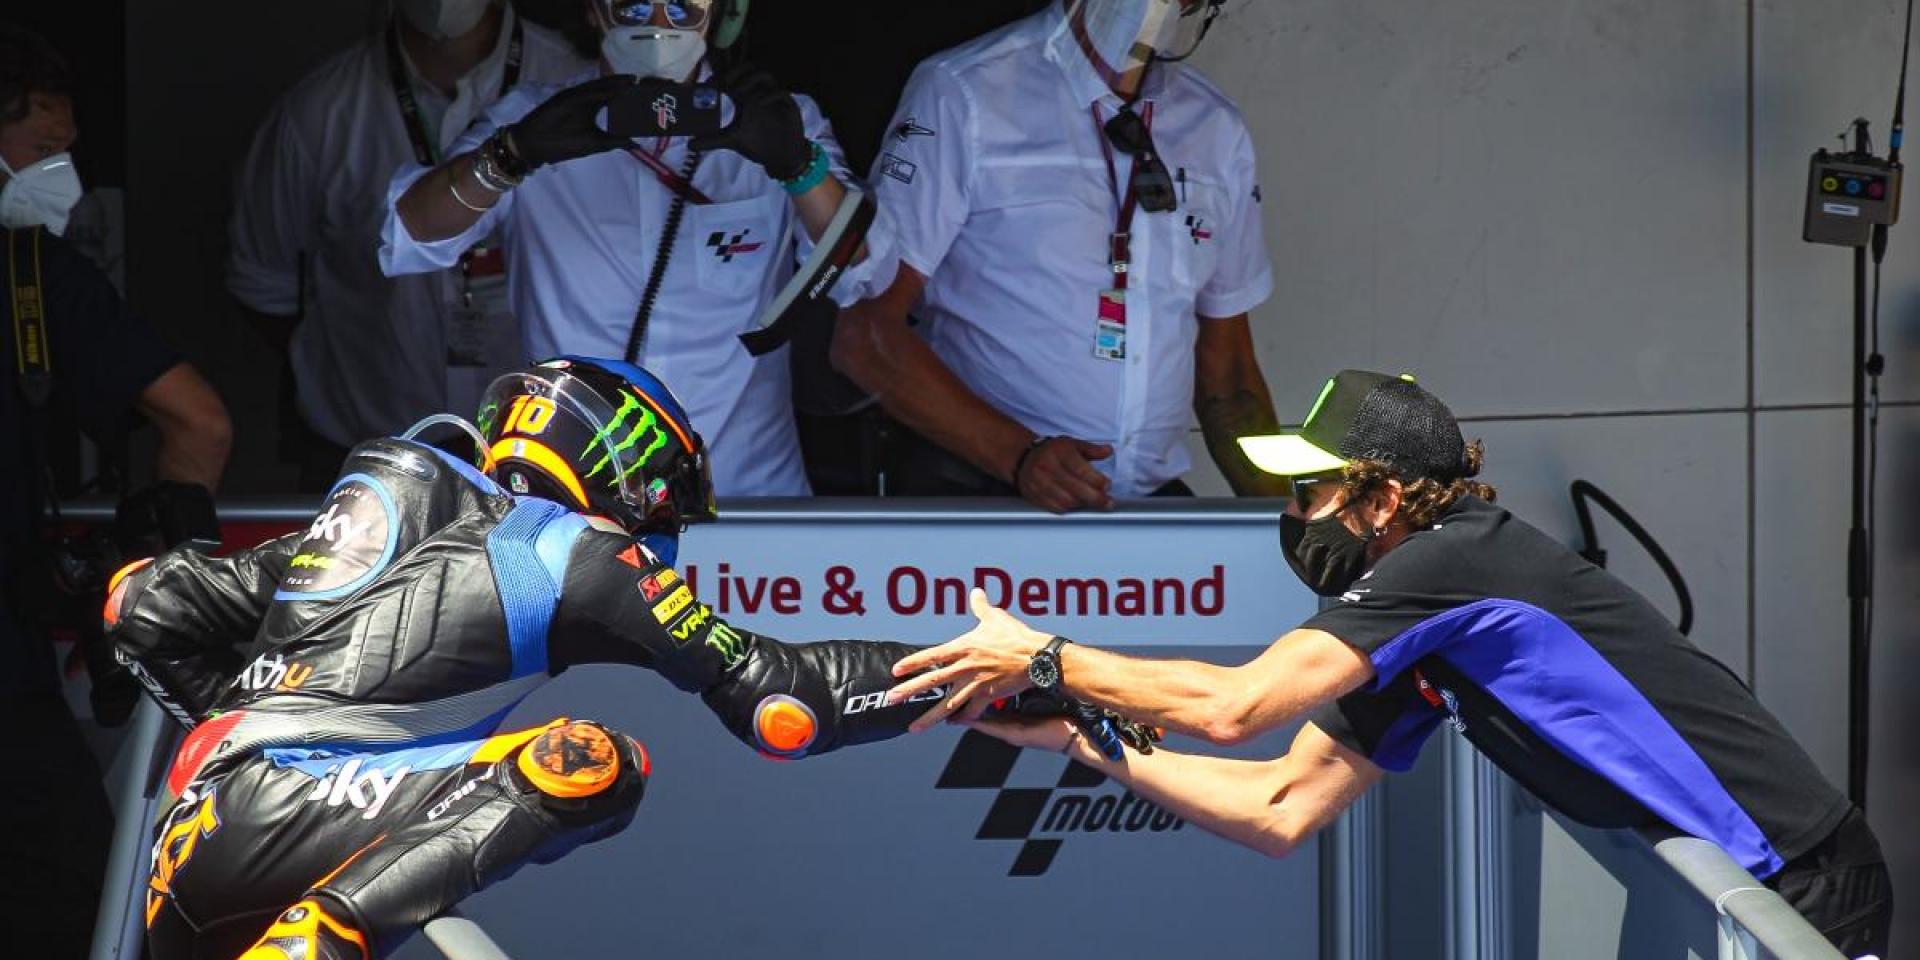 開局就送魔關羽!Valentino Rossi: DUCATI是一支優秀的車隊,Marini可以在2021年得到很好的競爭力!